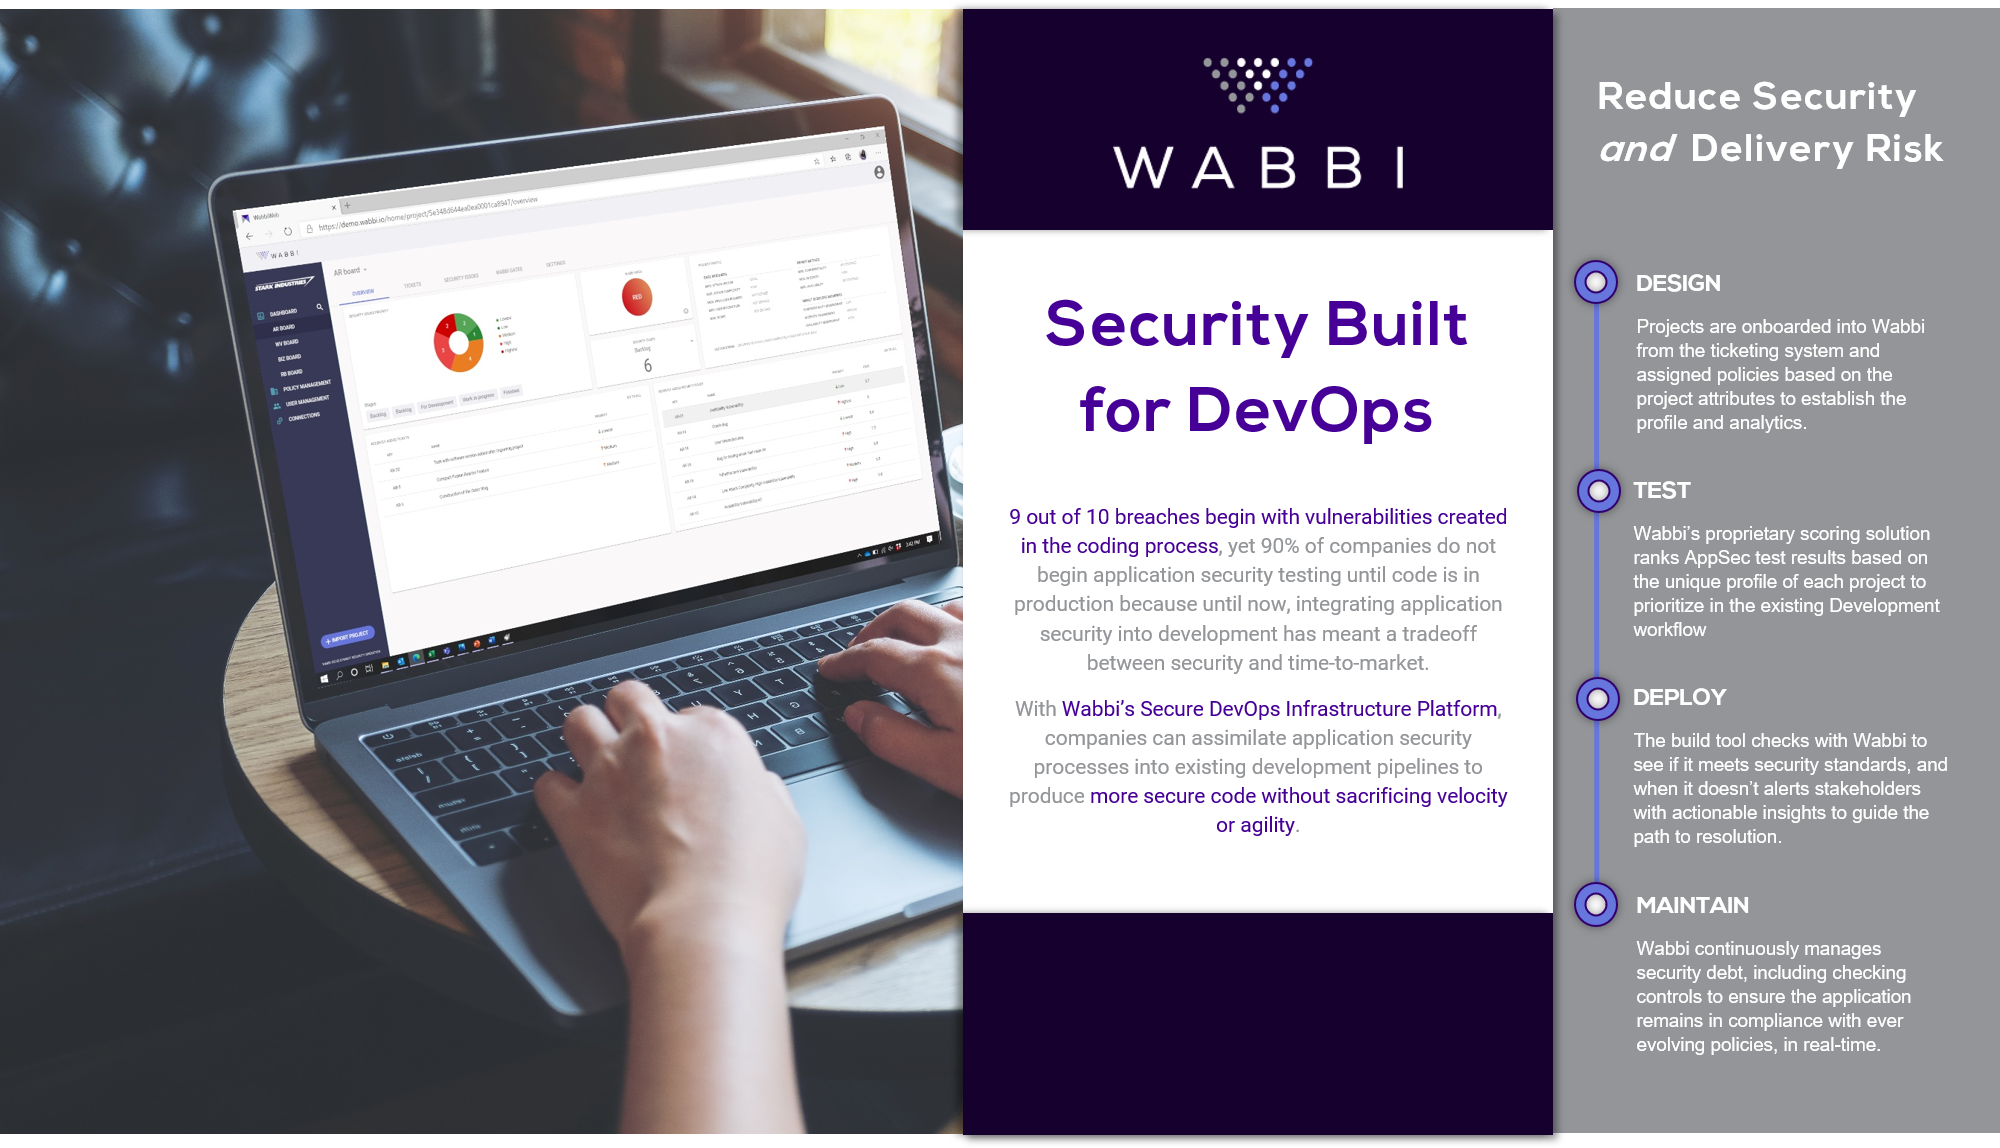 Wabbi Security Built For DevOps